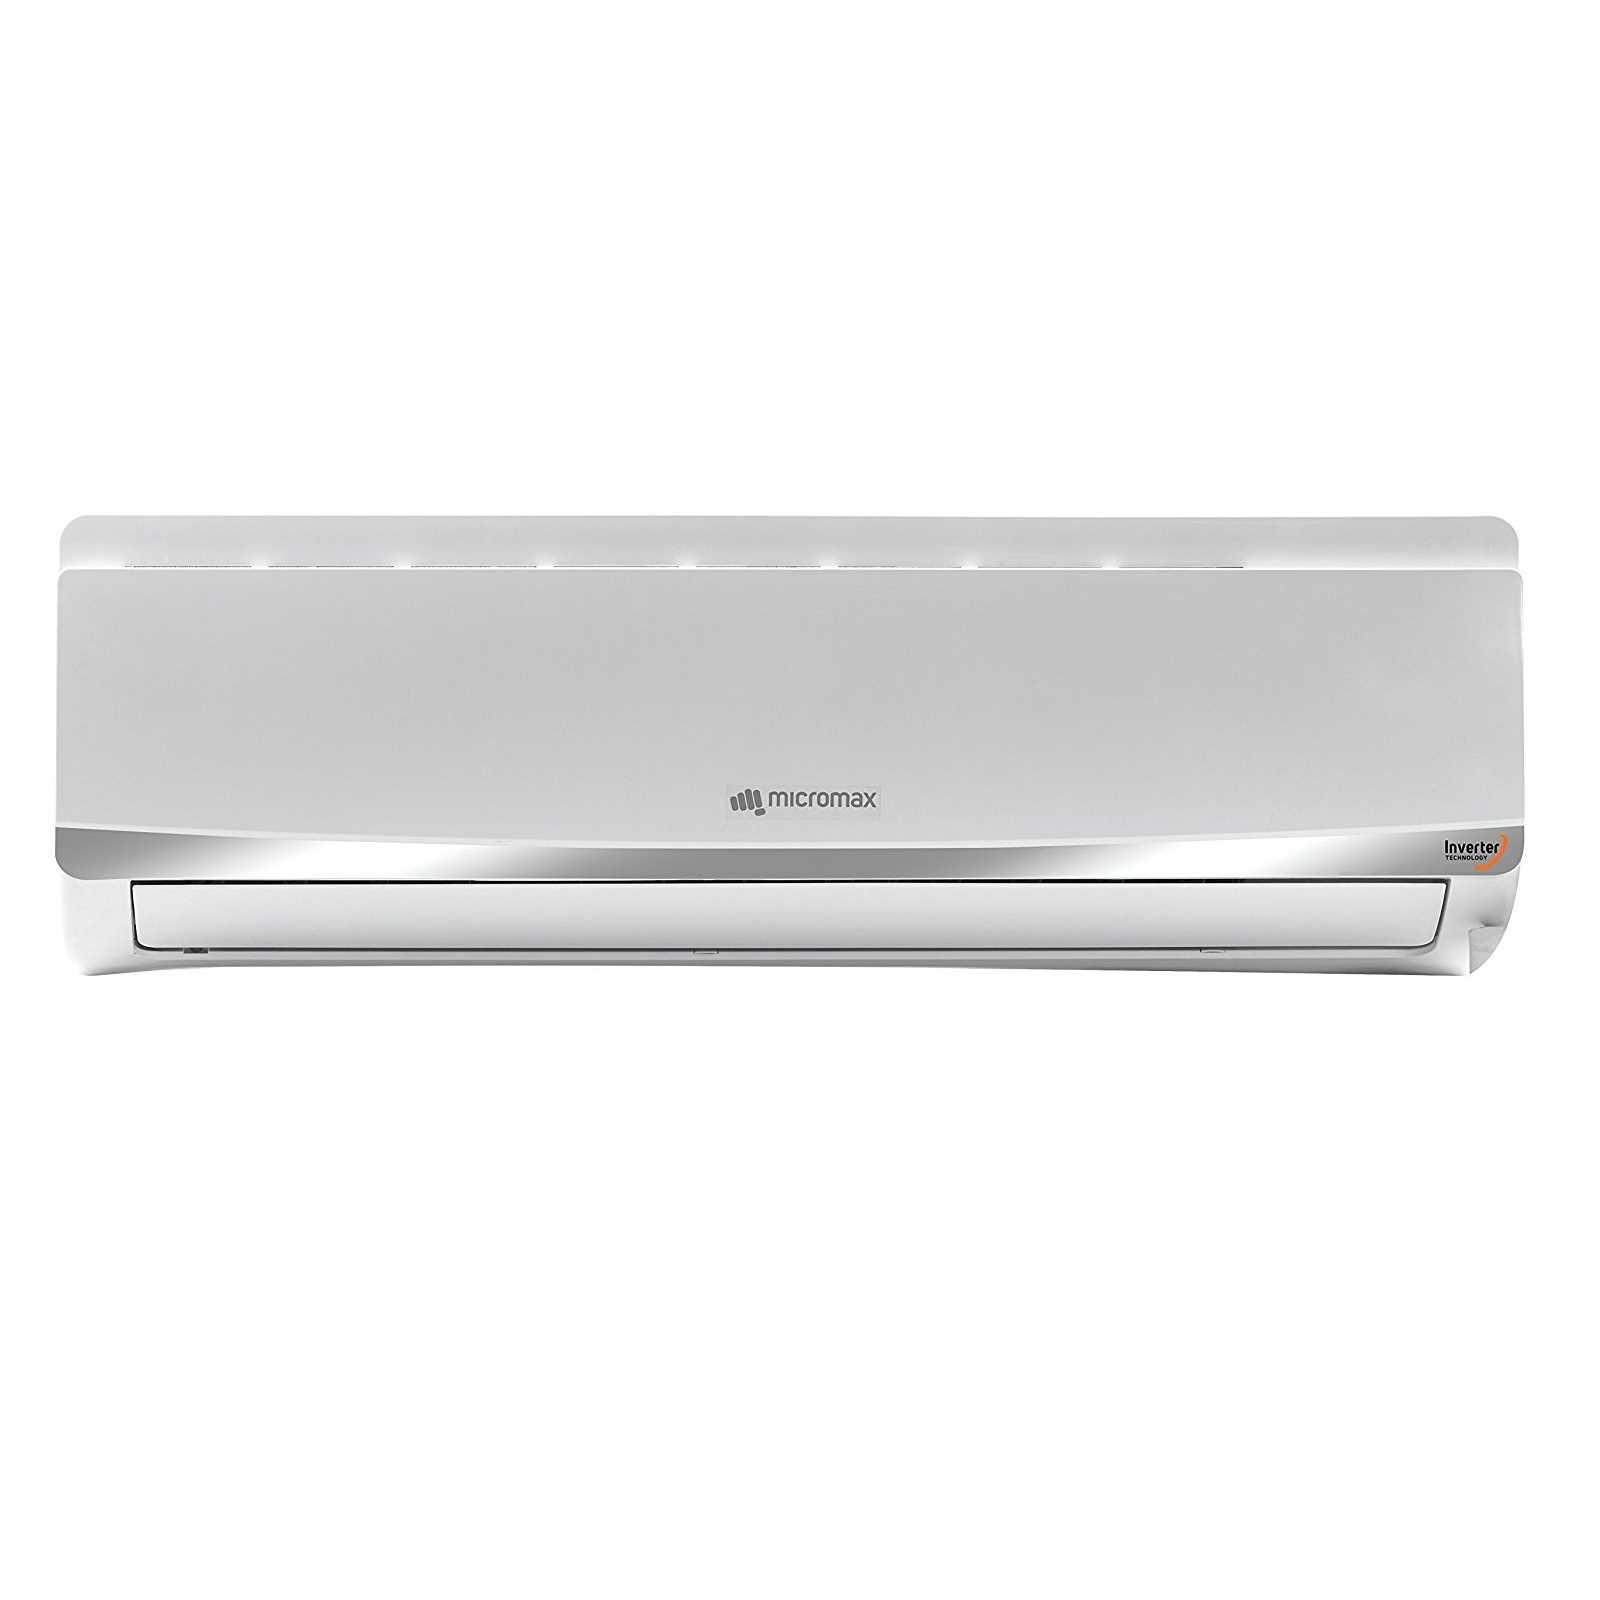 Micromax Ayurveda 1.5 Ton 3 Star Inverter Split AC